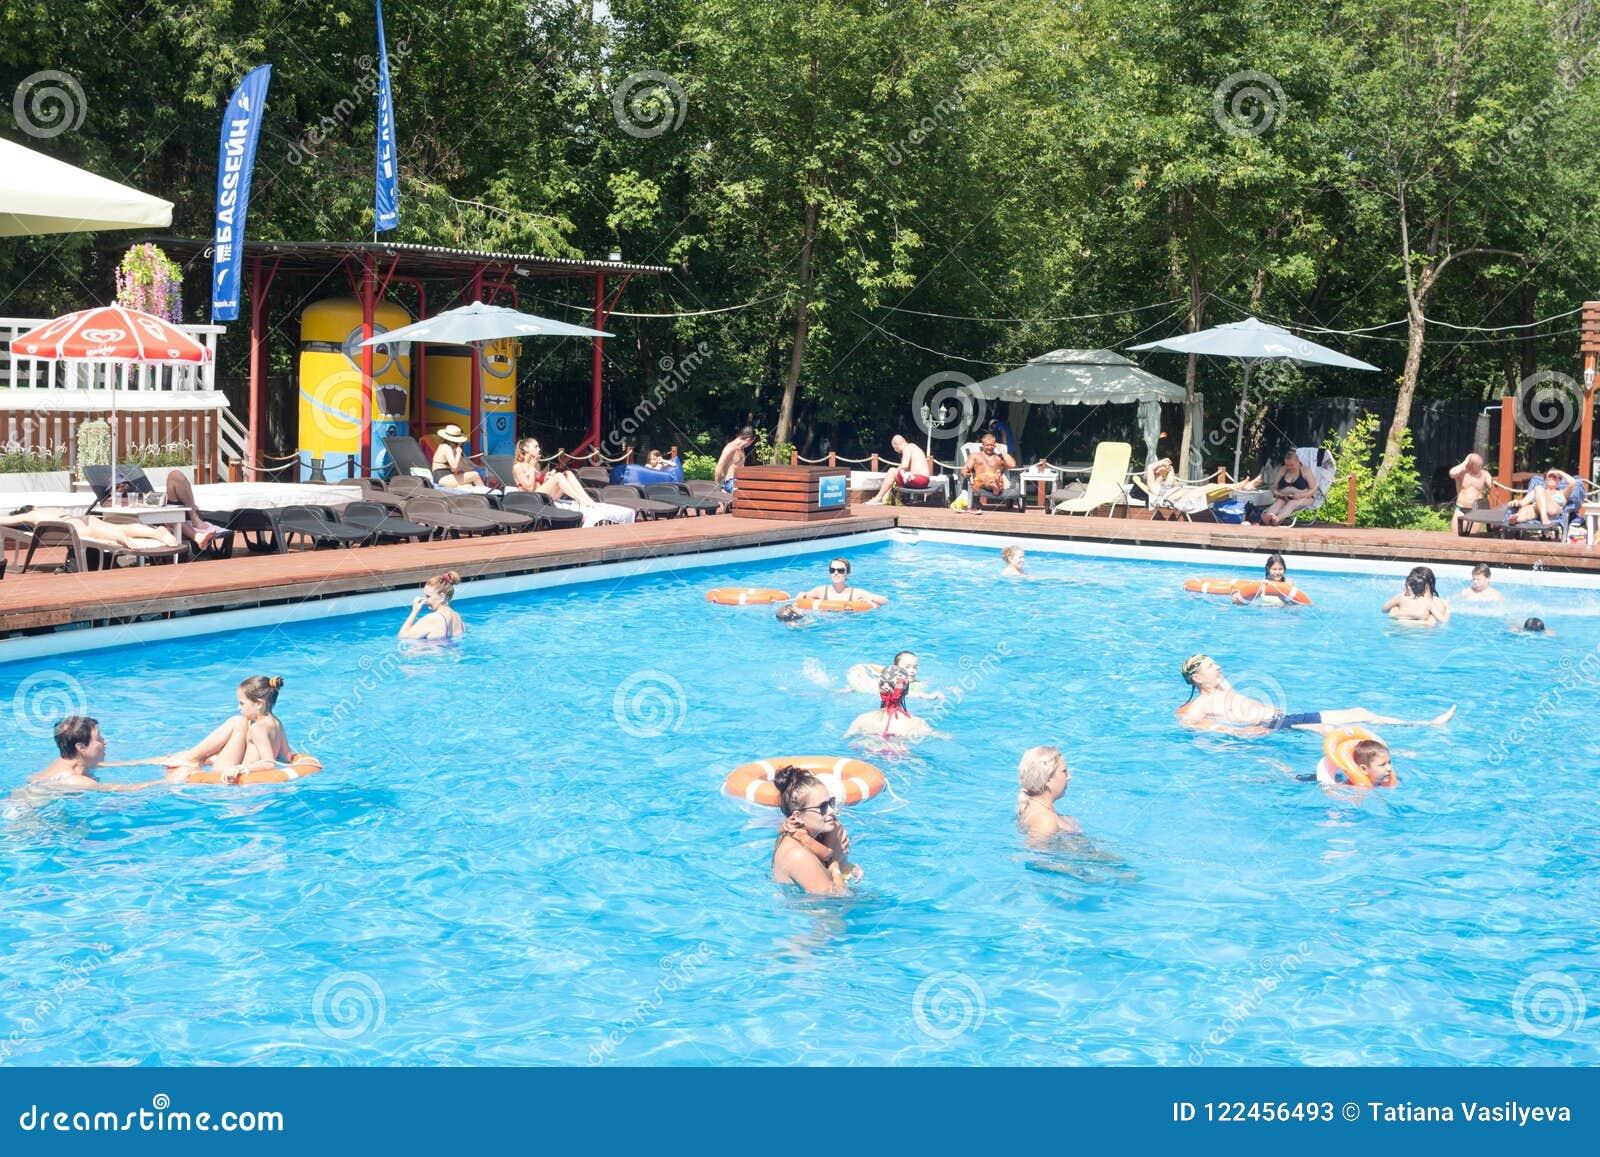 The Pool in Sokolniki 64